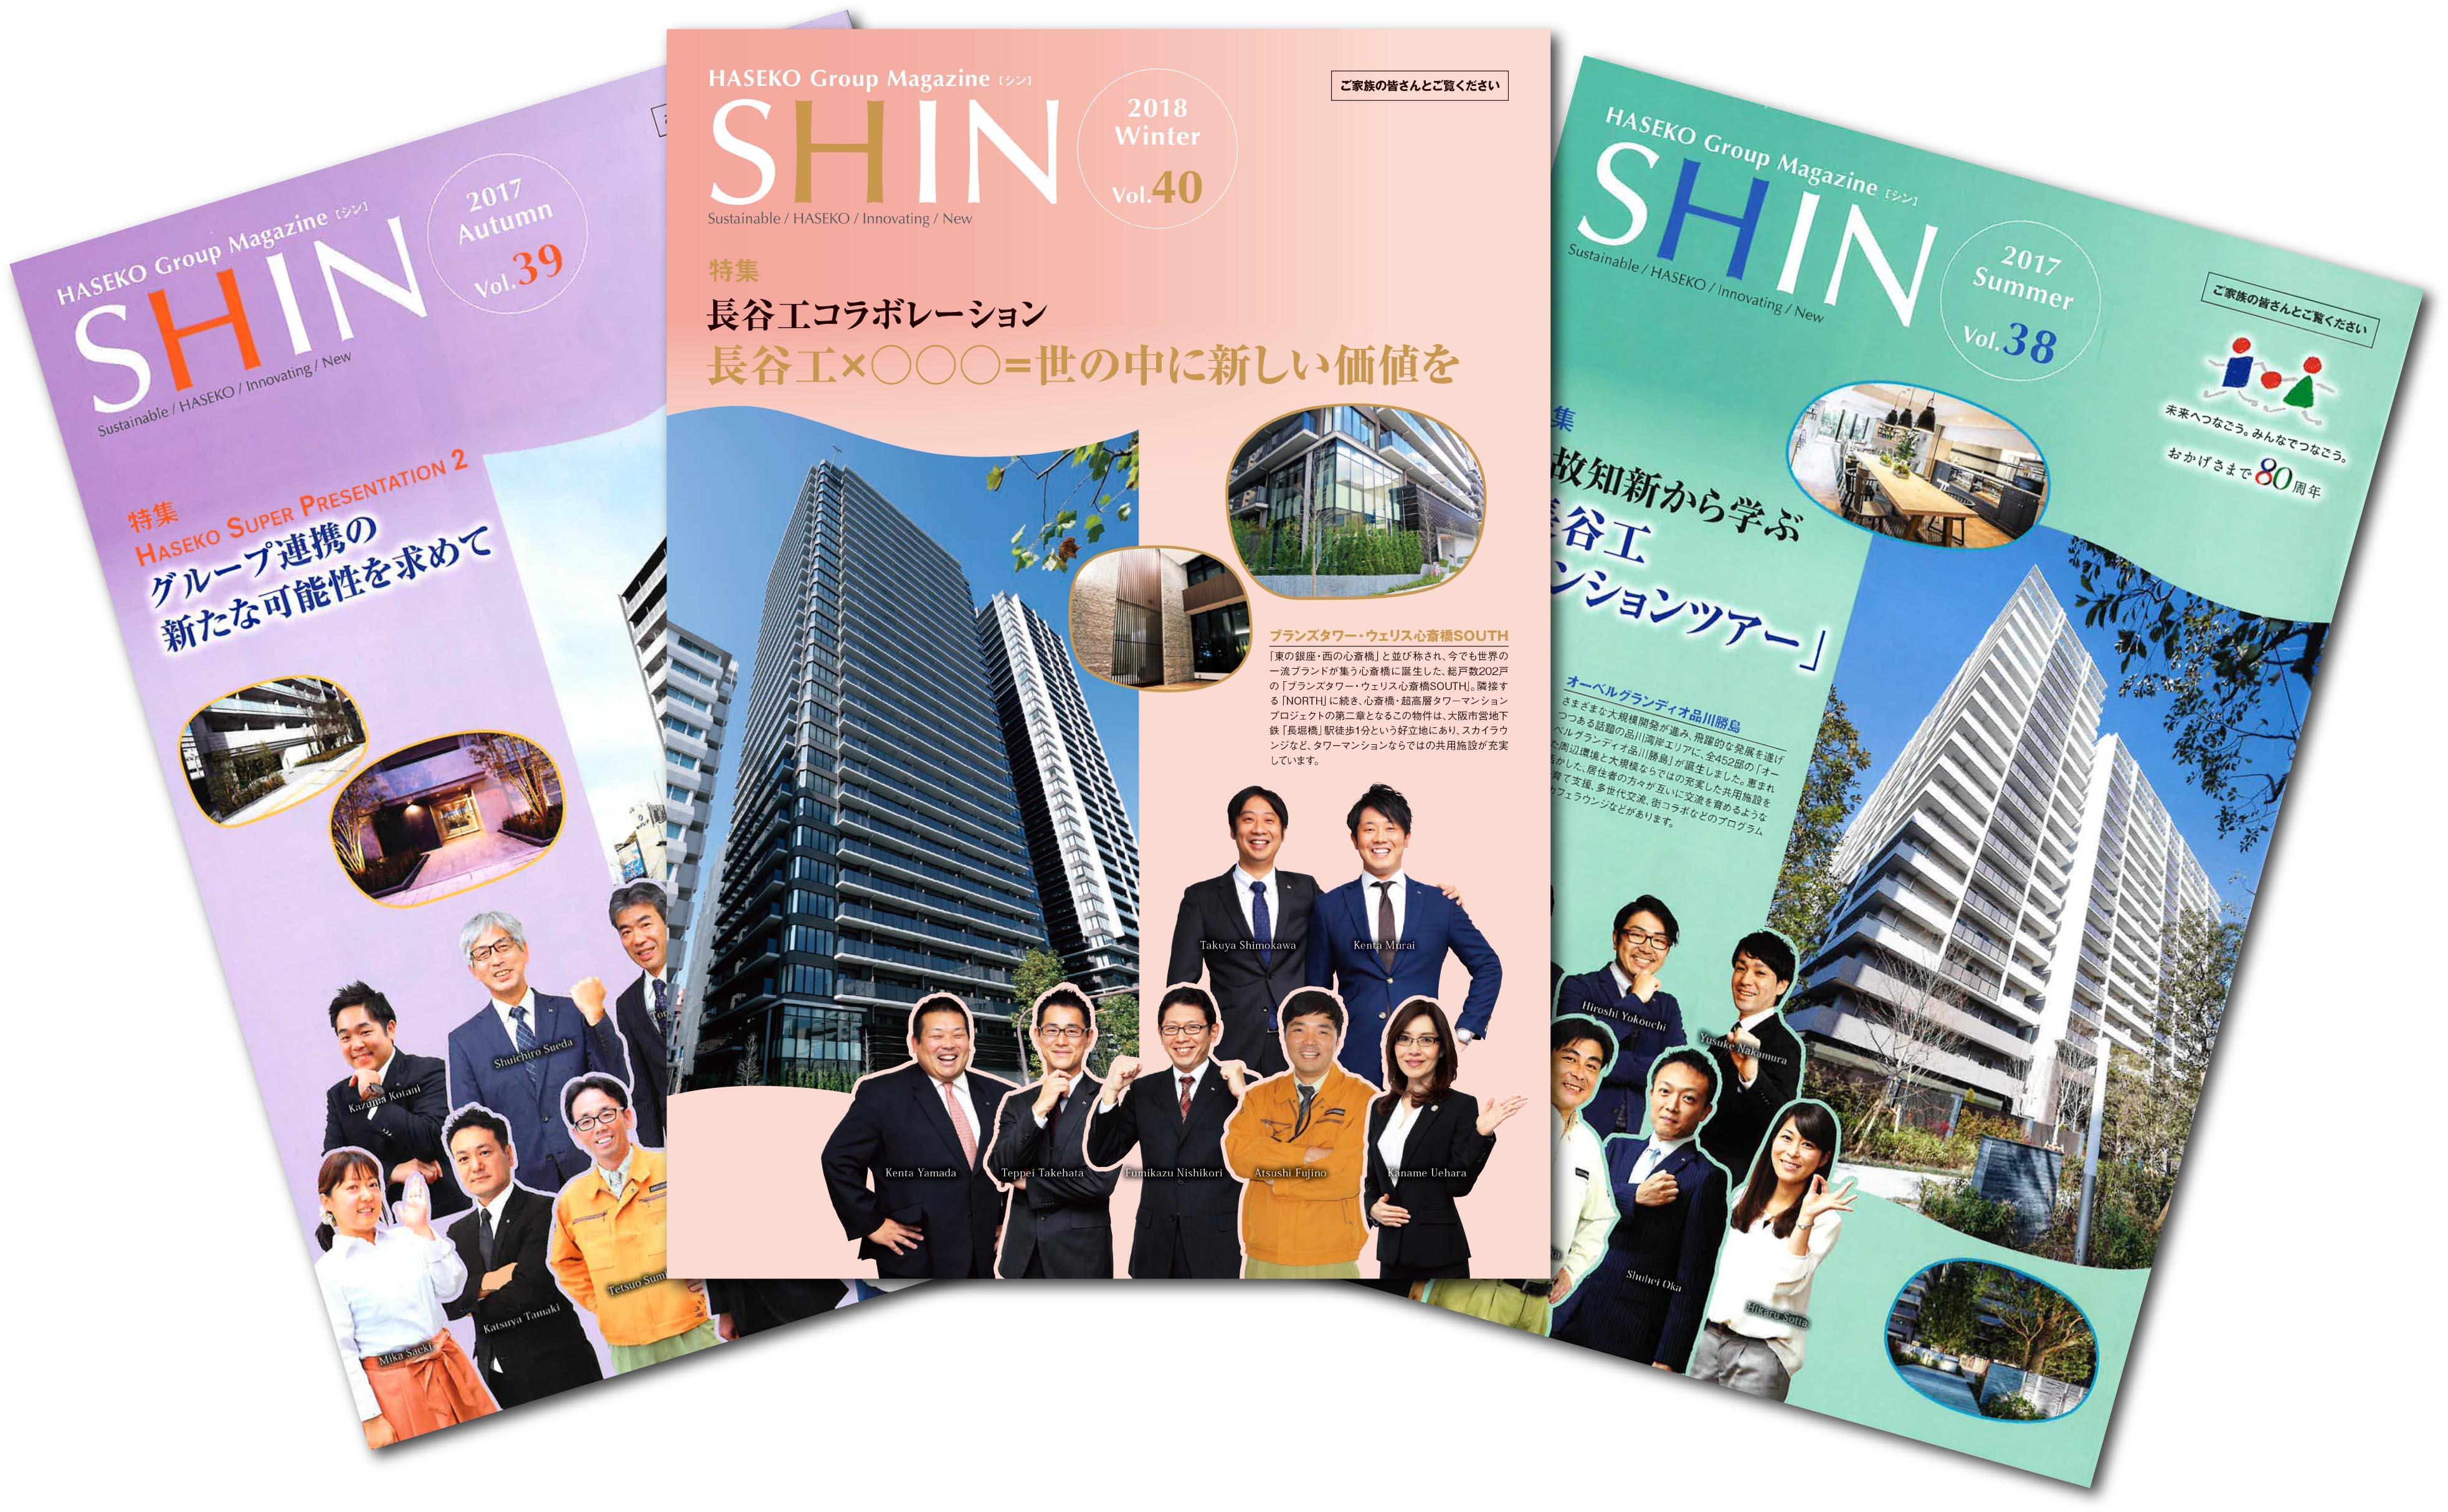 SHINの表紙